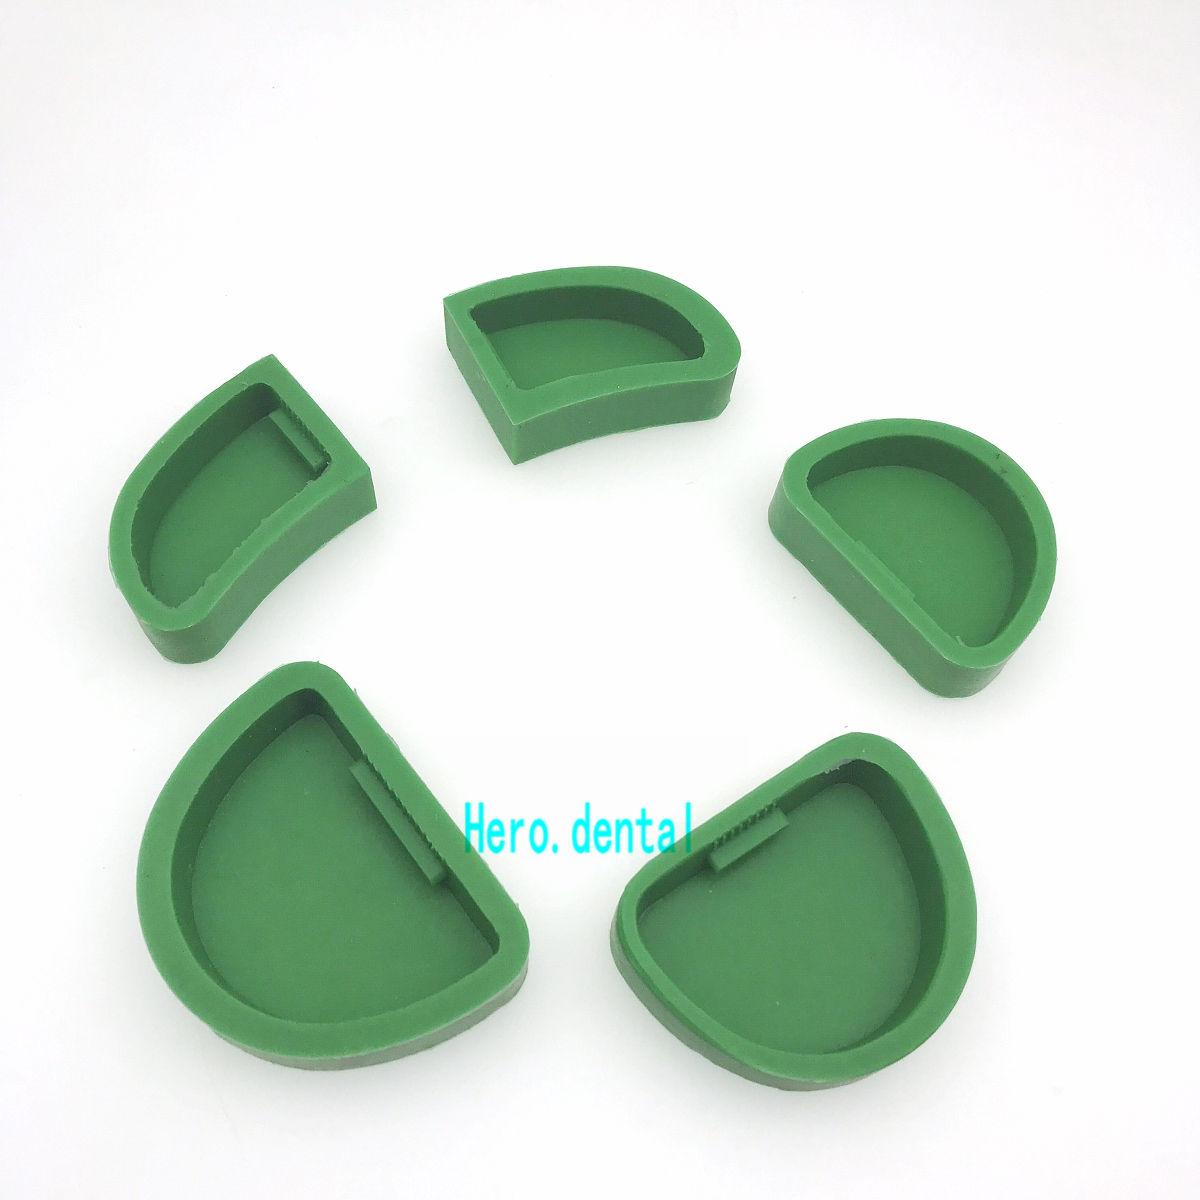 5Pcs Dental Lab Silicone Plaster Model Former Base Molds Mould On Stone Model Work